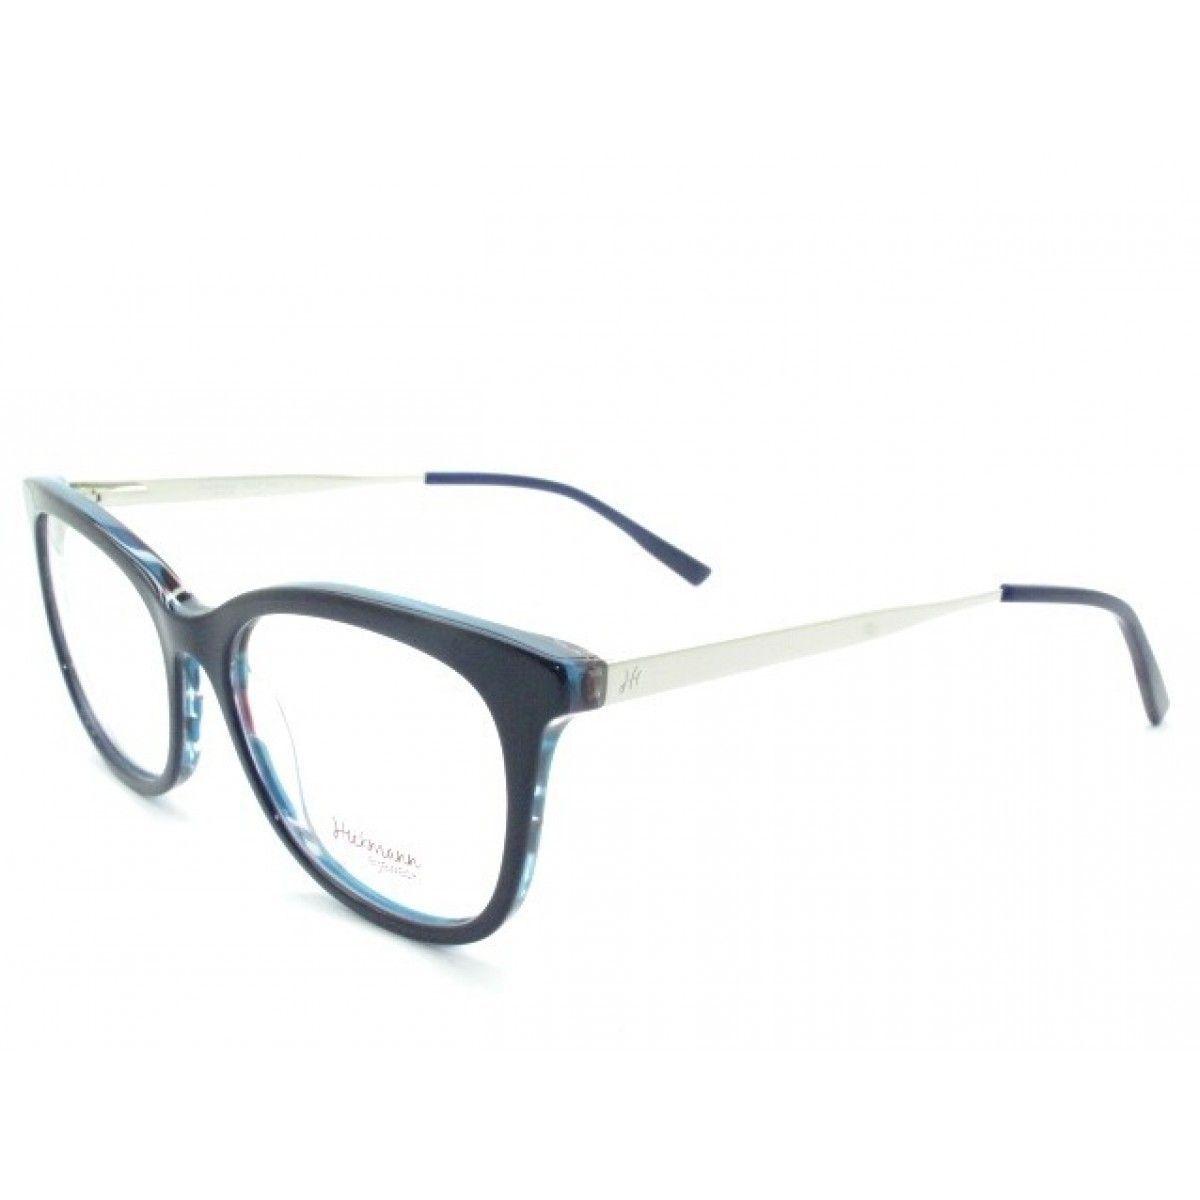 1185709fe1b95 Óculos de Grau Ana Hickmann HI6079-H02